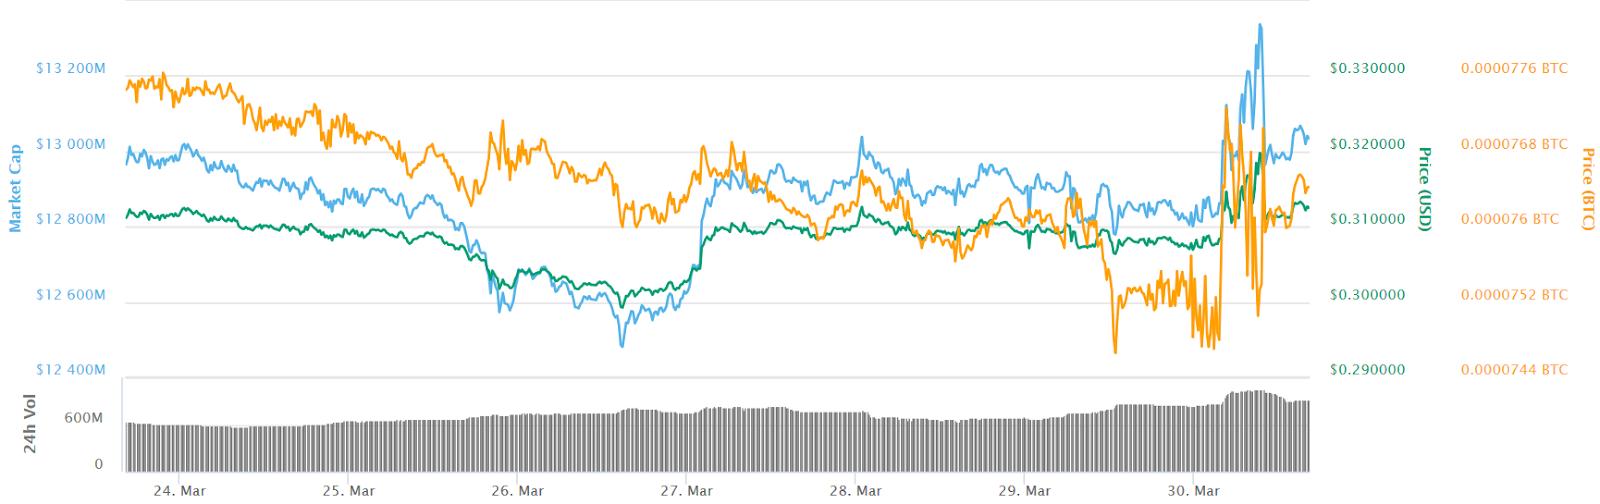 Gráfico de precios de 7 días de Ripple